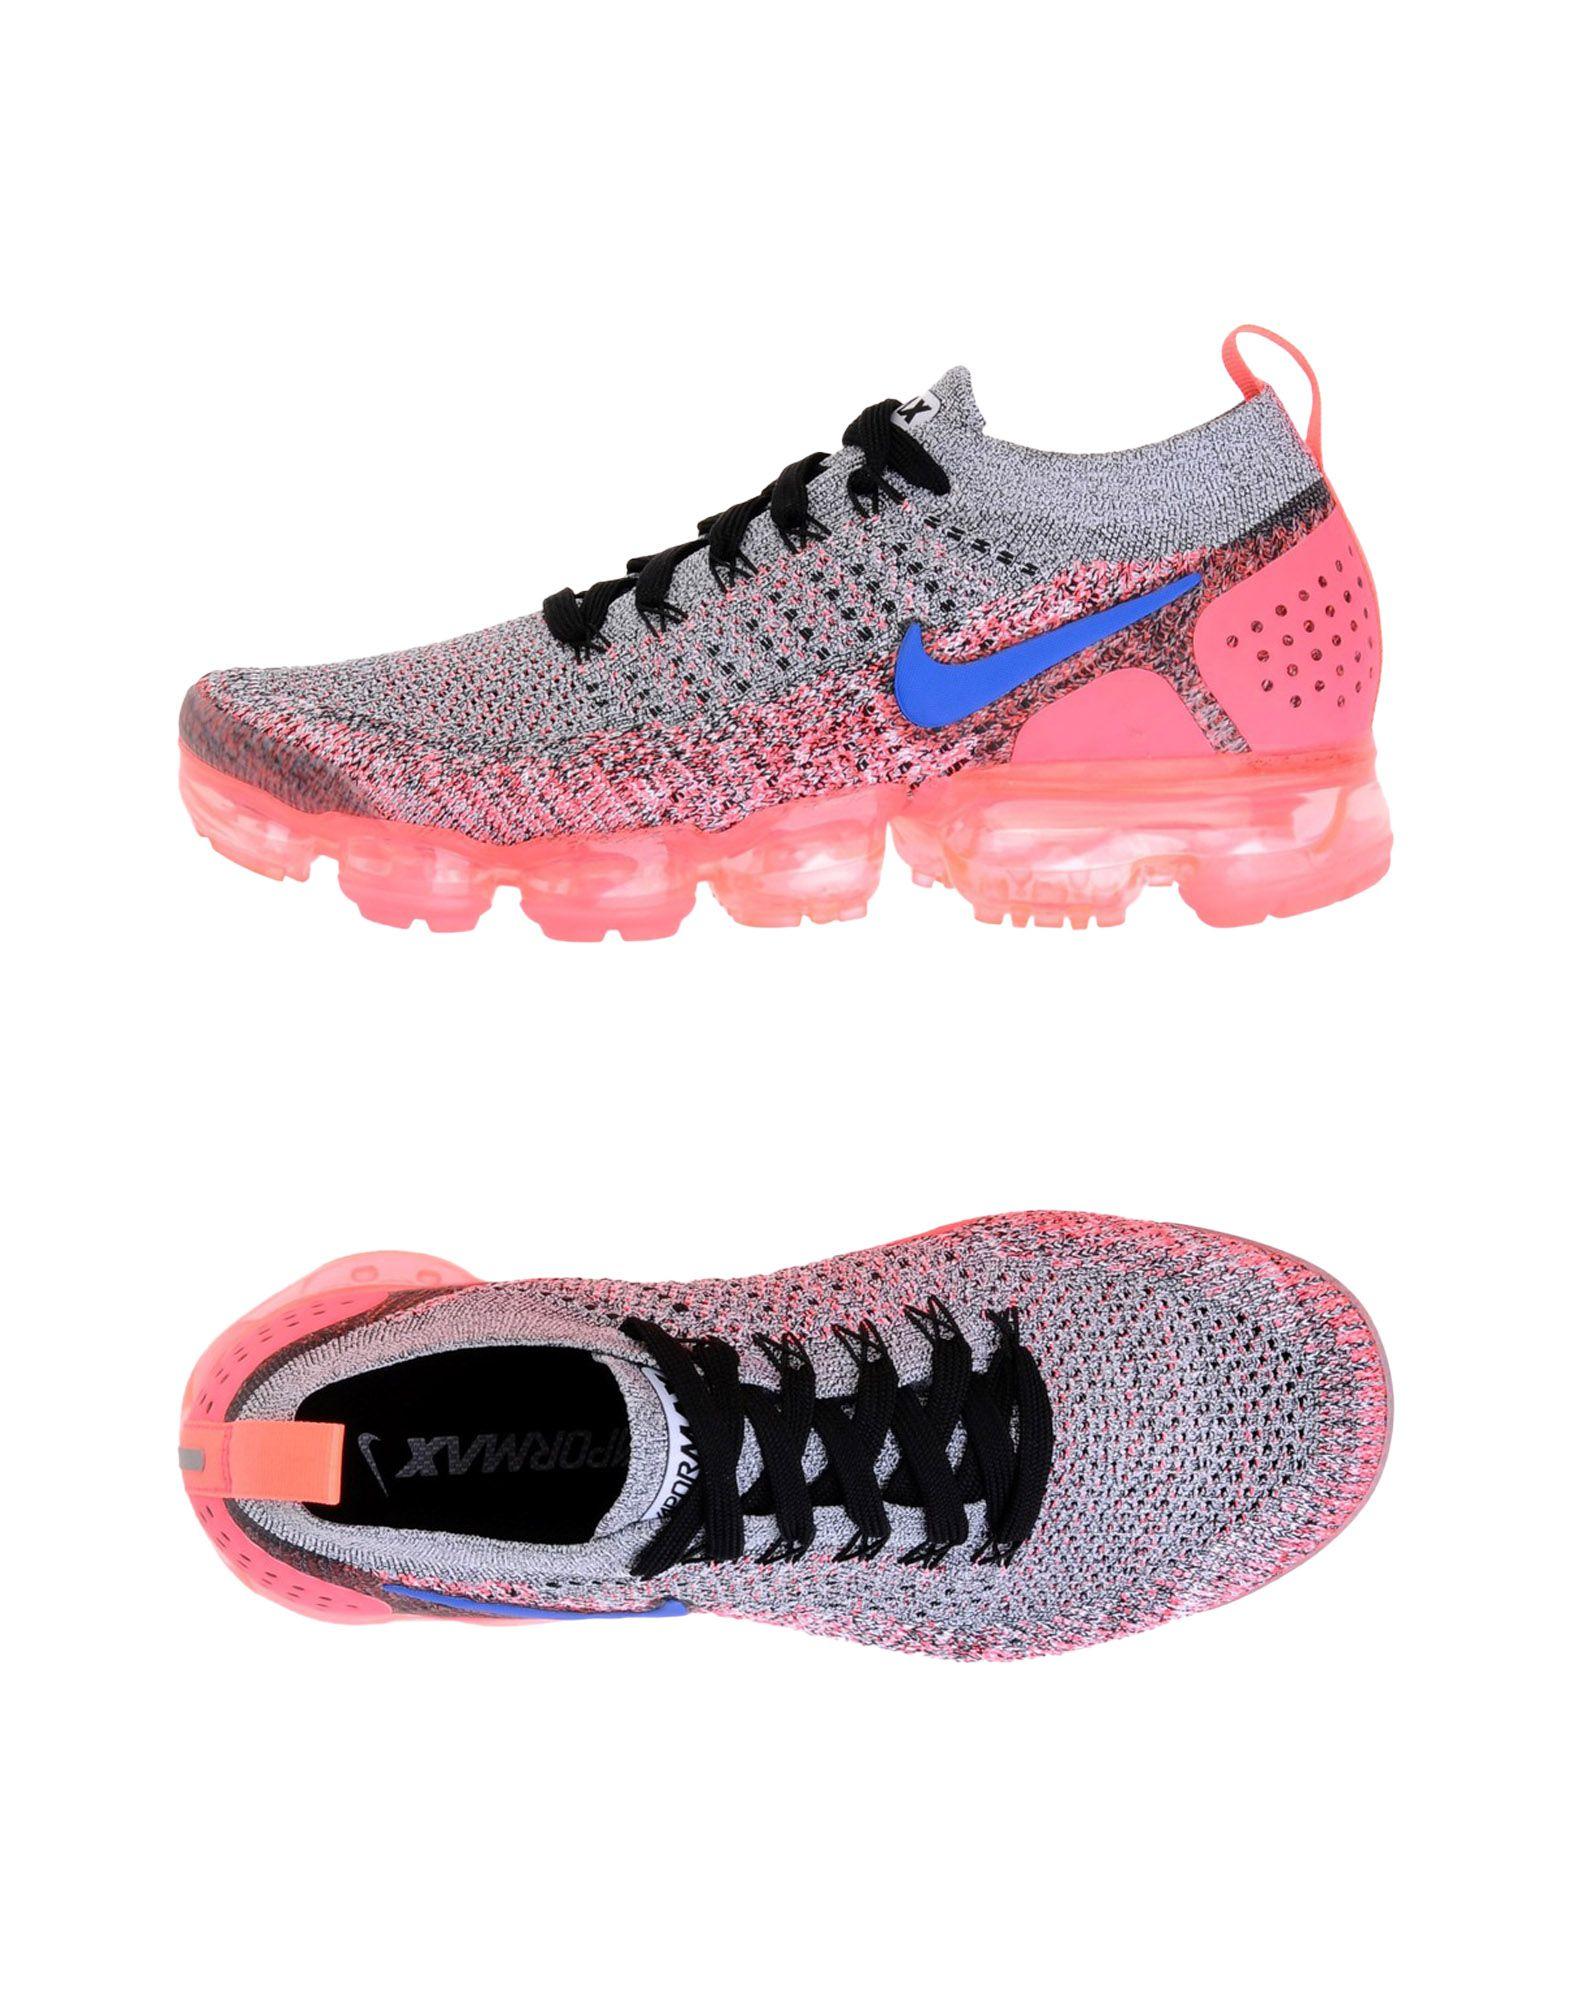 Scarpe donna online, calzature firmate e alla moda Collezione  Primavera-Estate e Autunno-Inverno